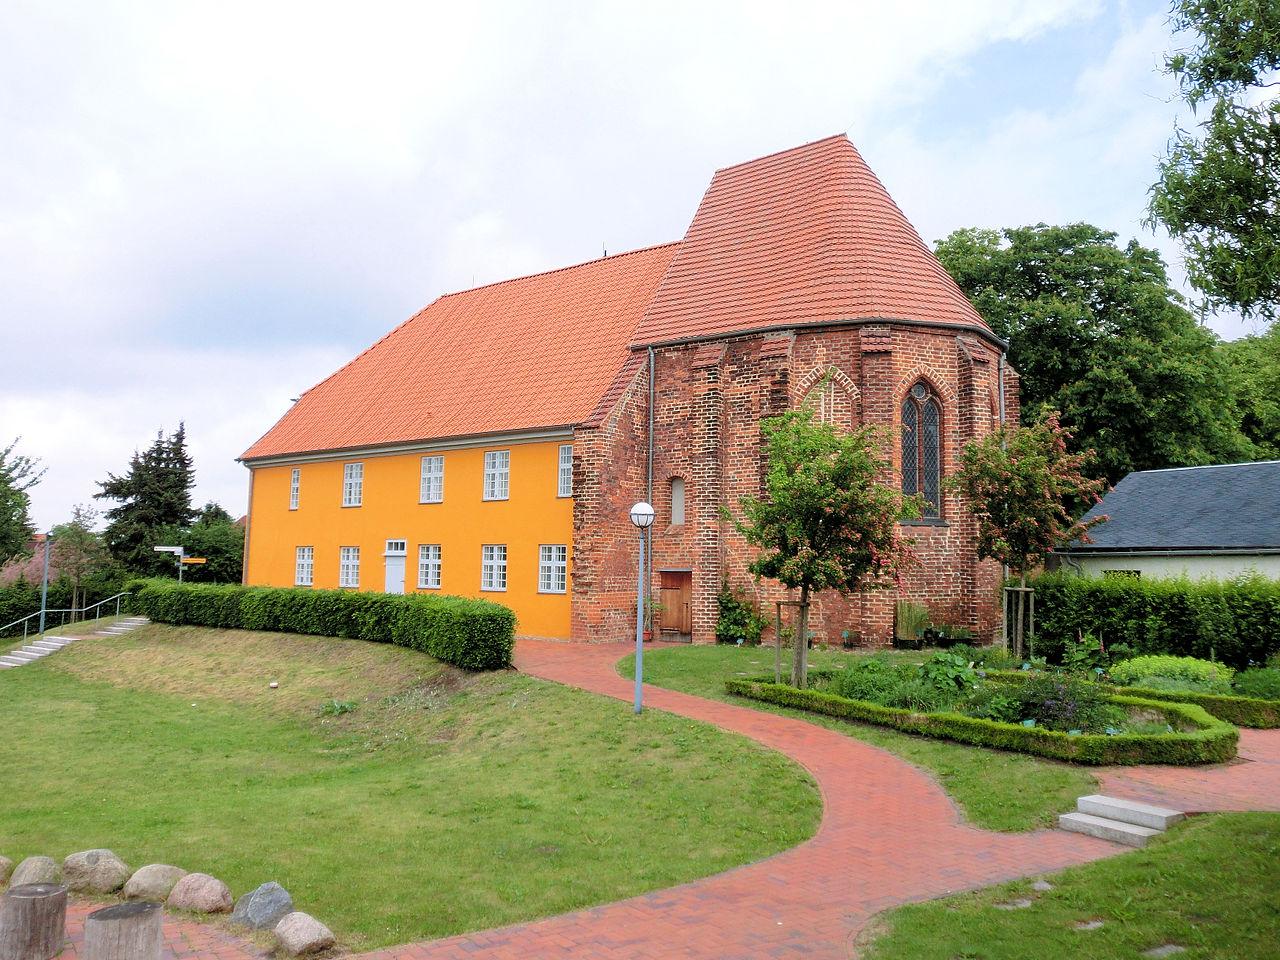 Bild Niederdeutsches Bibelzentrum St. Jürgen Barth